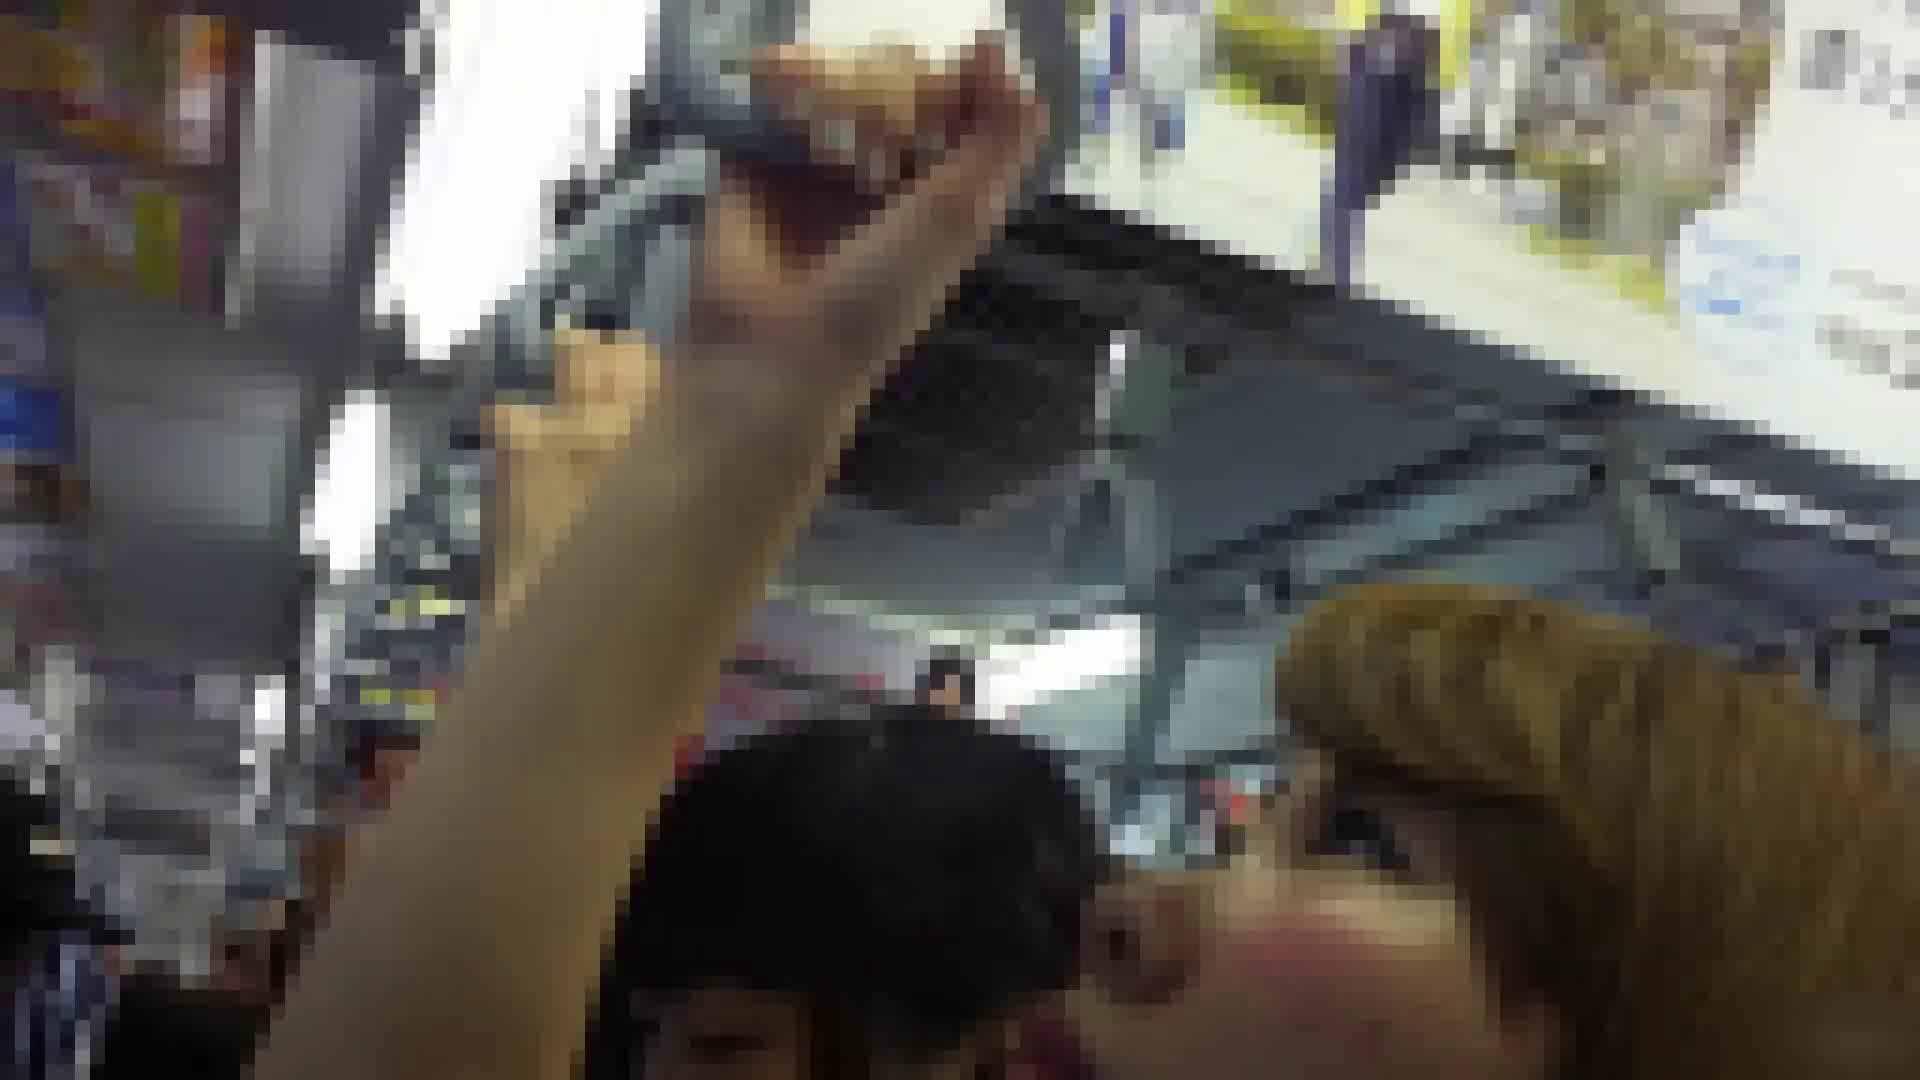 ガールズパンチラストリートビューVol.041 パンチラ オマンコ動画キャプチャ 86PIX 63